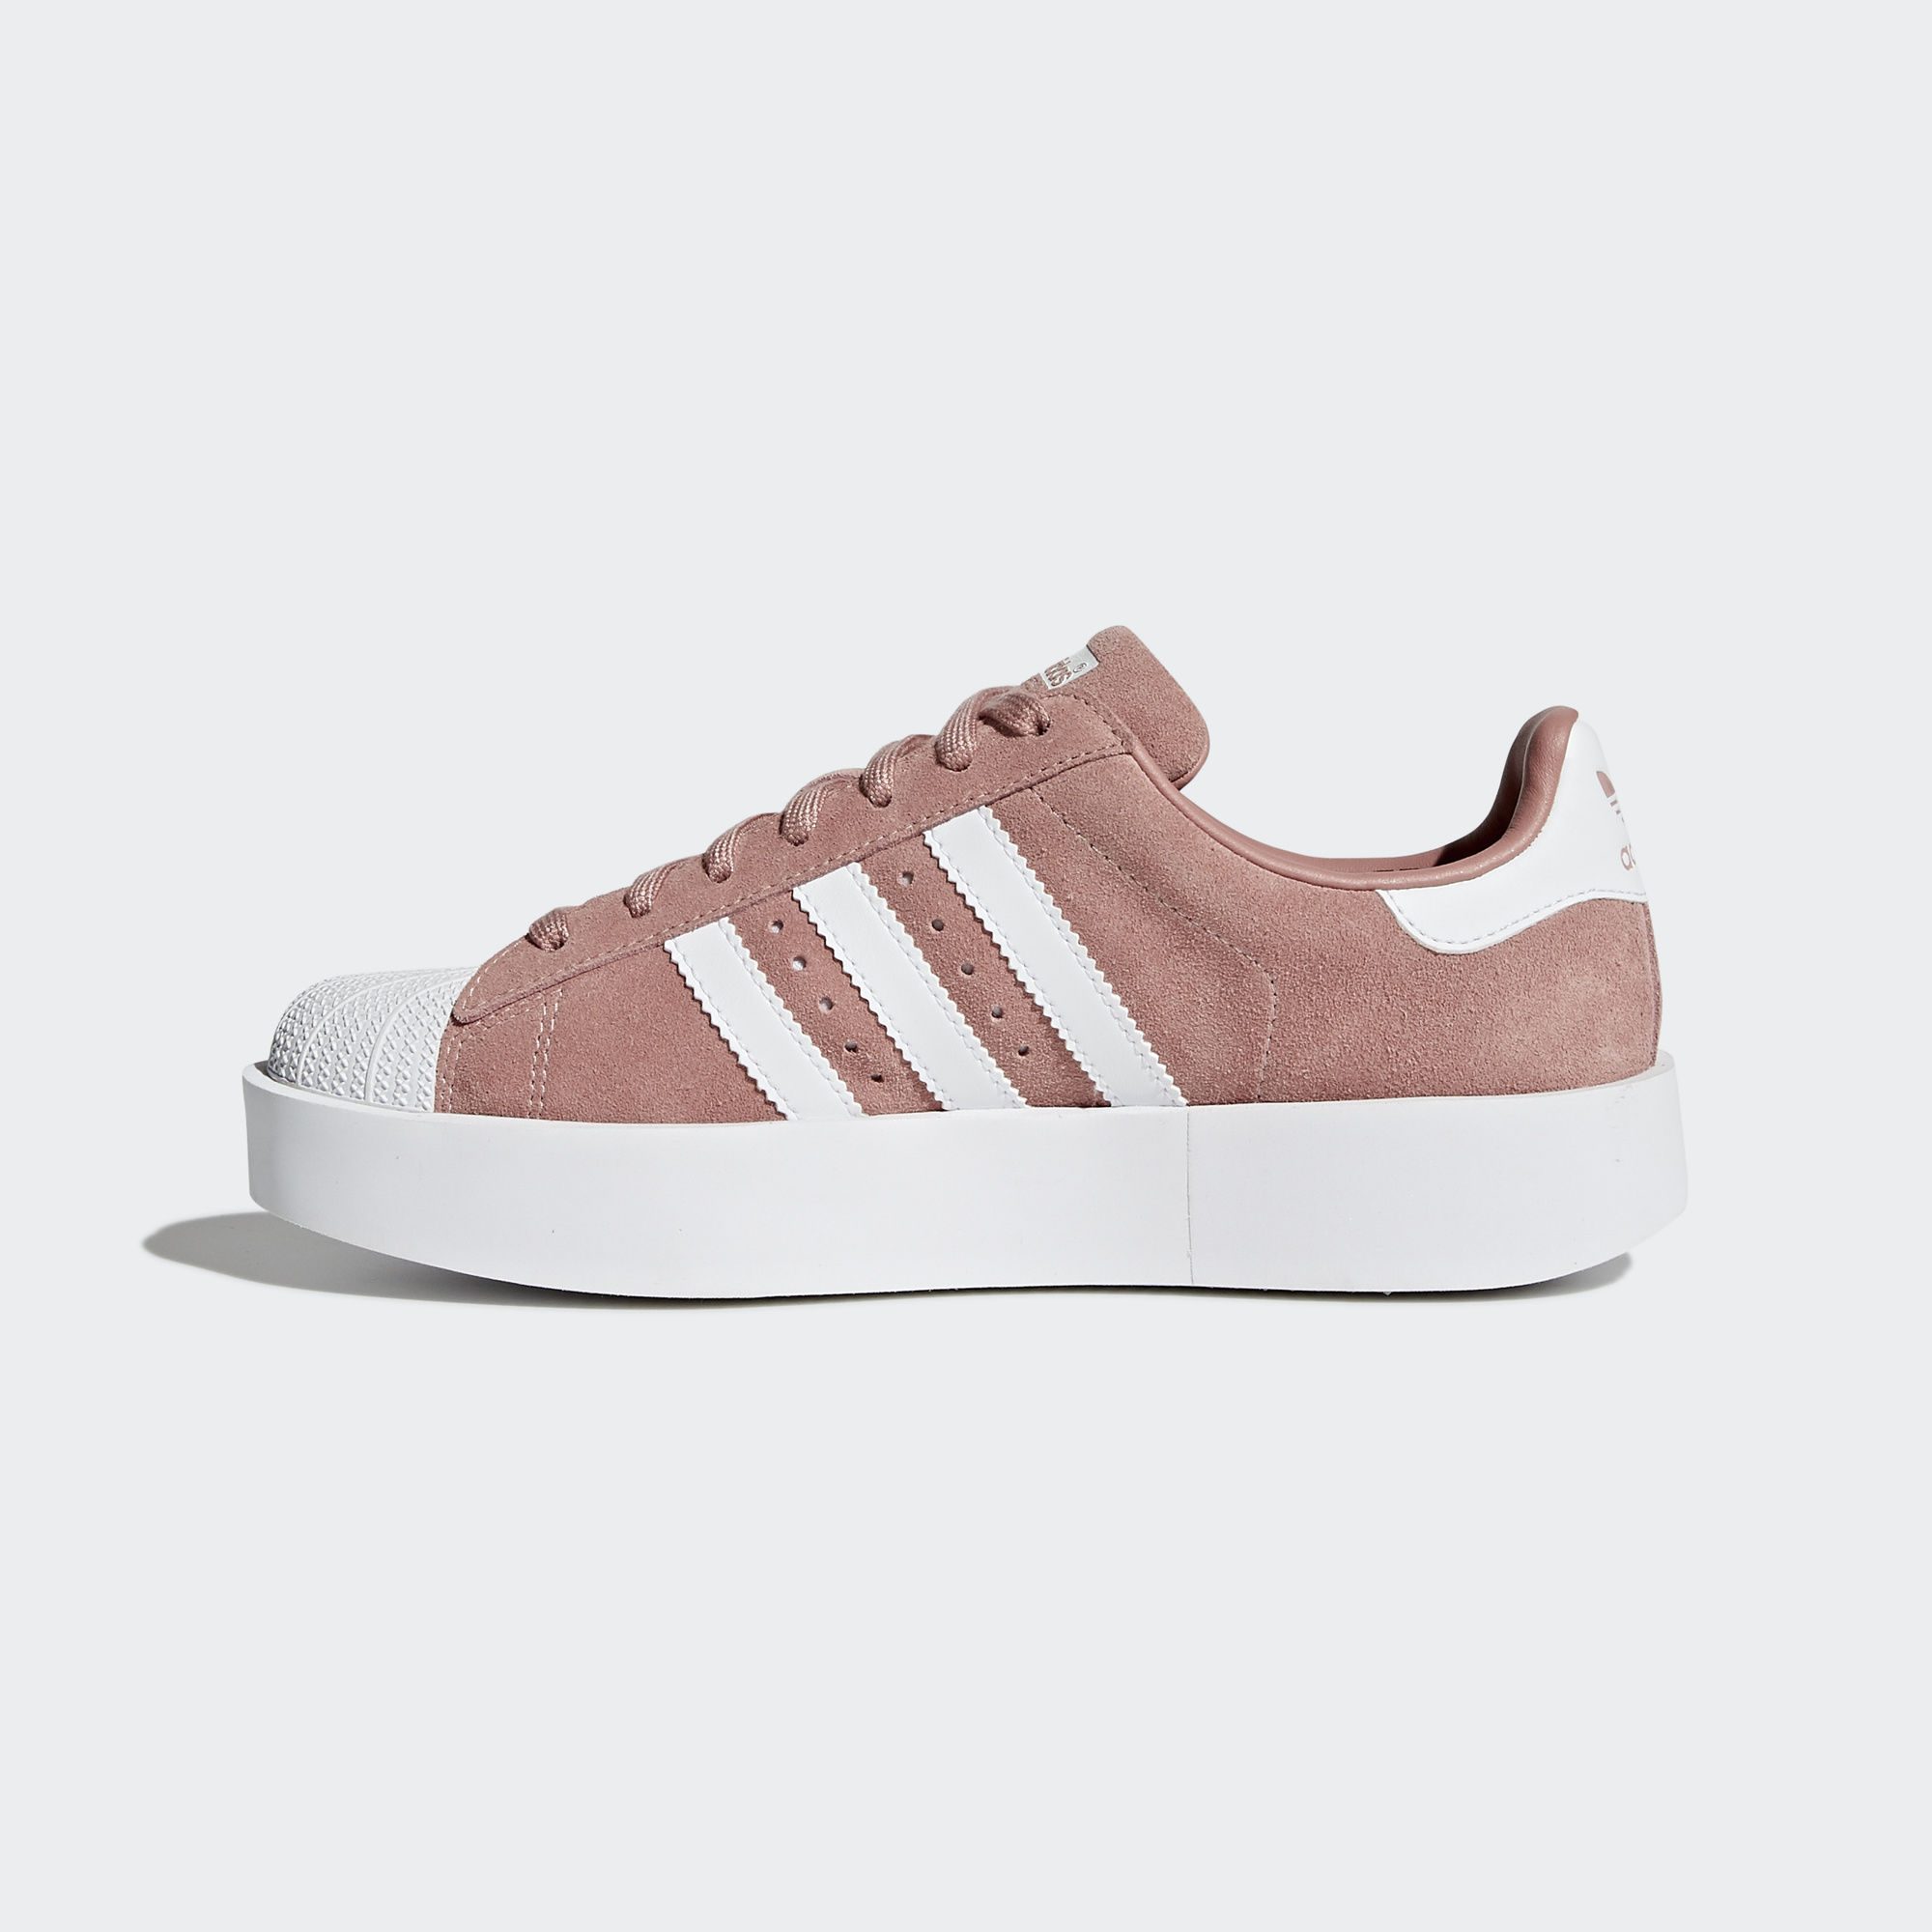 sports shoes 26e41 4de1b ... Adidas Superstar Bold Platform Camoscio Rosa Antico Art. CQ2827. Cq2827  01 standard · Cq2827 04 standard · Cq2827 05 standard · Cq2827 06 standard